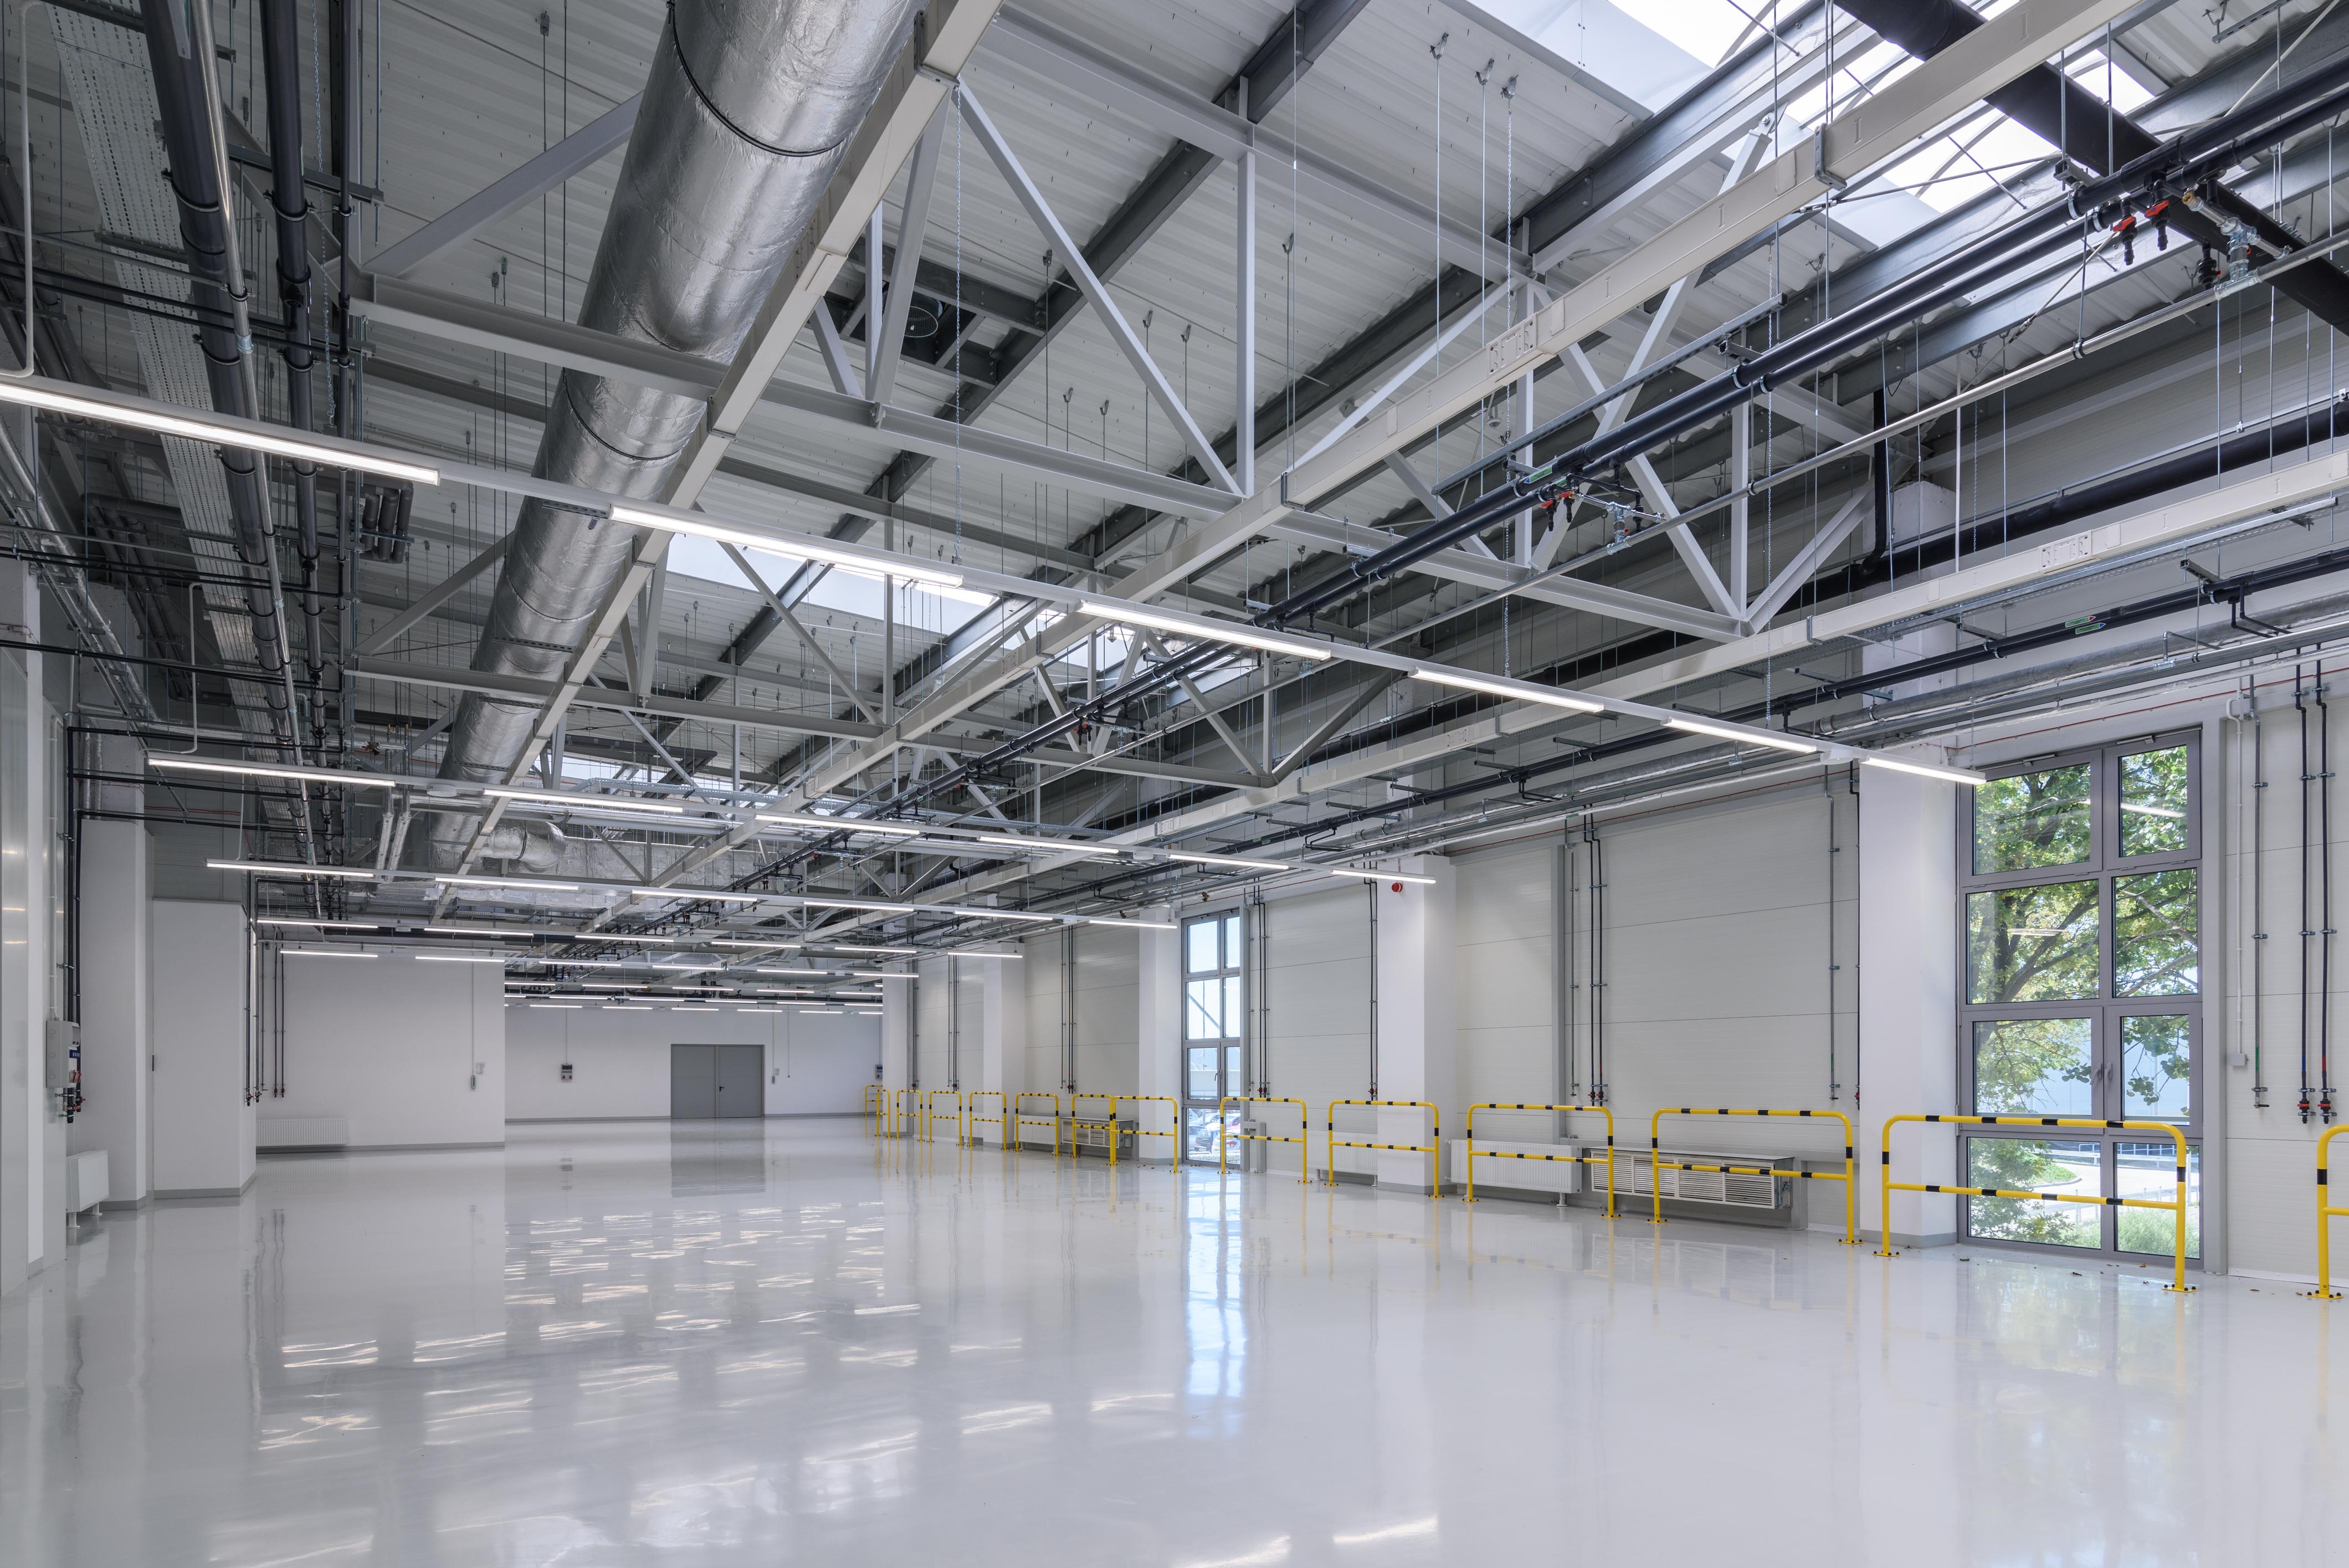 Budynek produkcyjny narzędzi elektrochirurgicznych dla branży medycznej oraz czujników elektronicznych dla przemysłu motoryzacyjnego wraz z częścią magazynową oraz administracyjną BOWA Hala